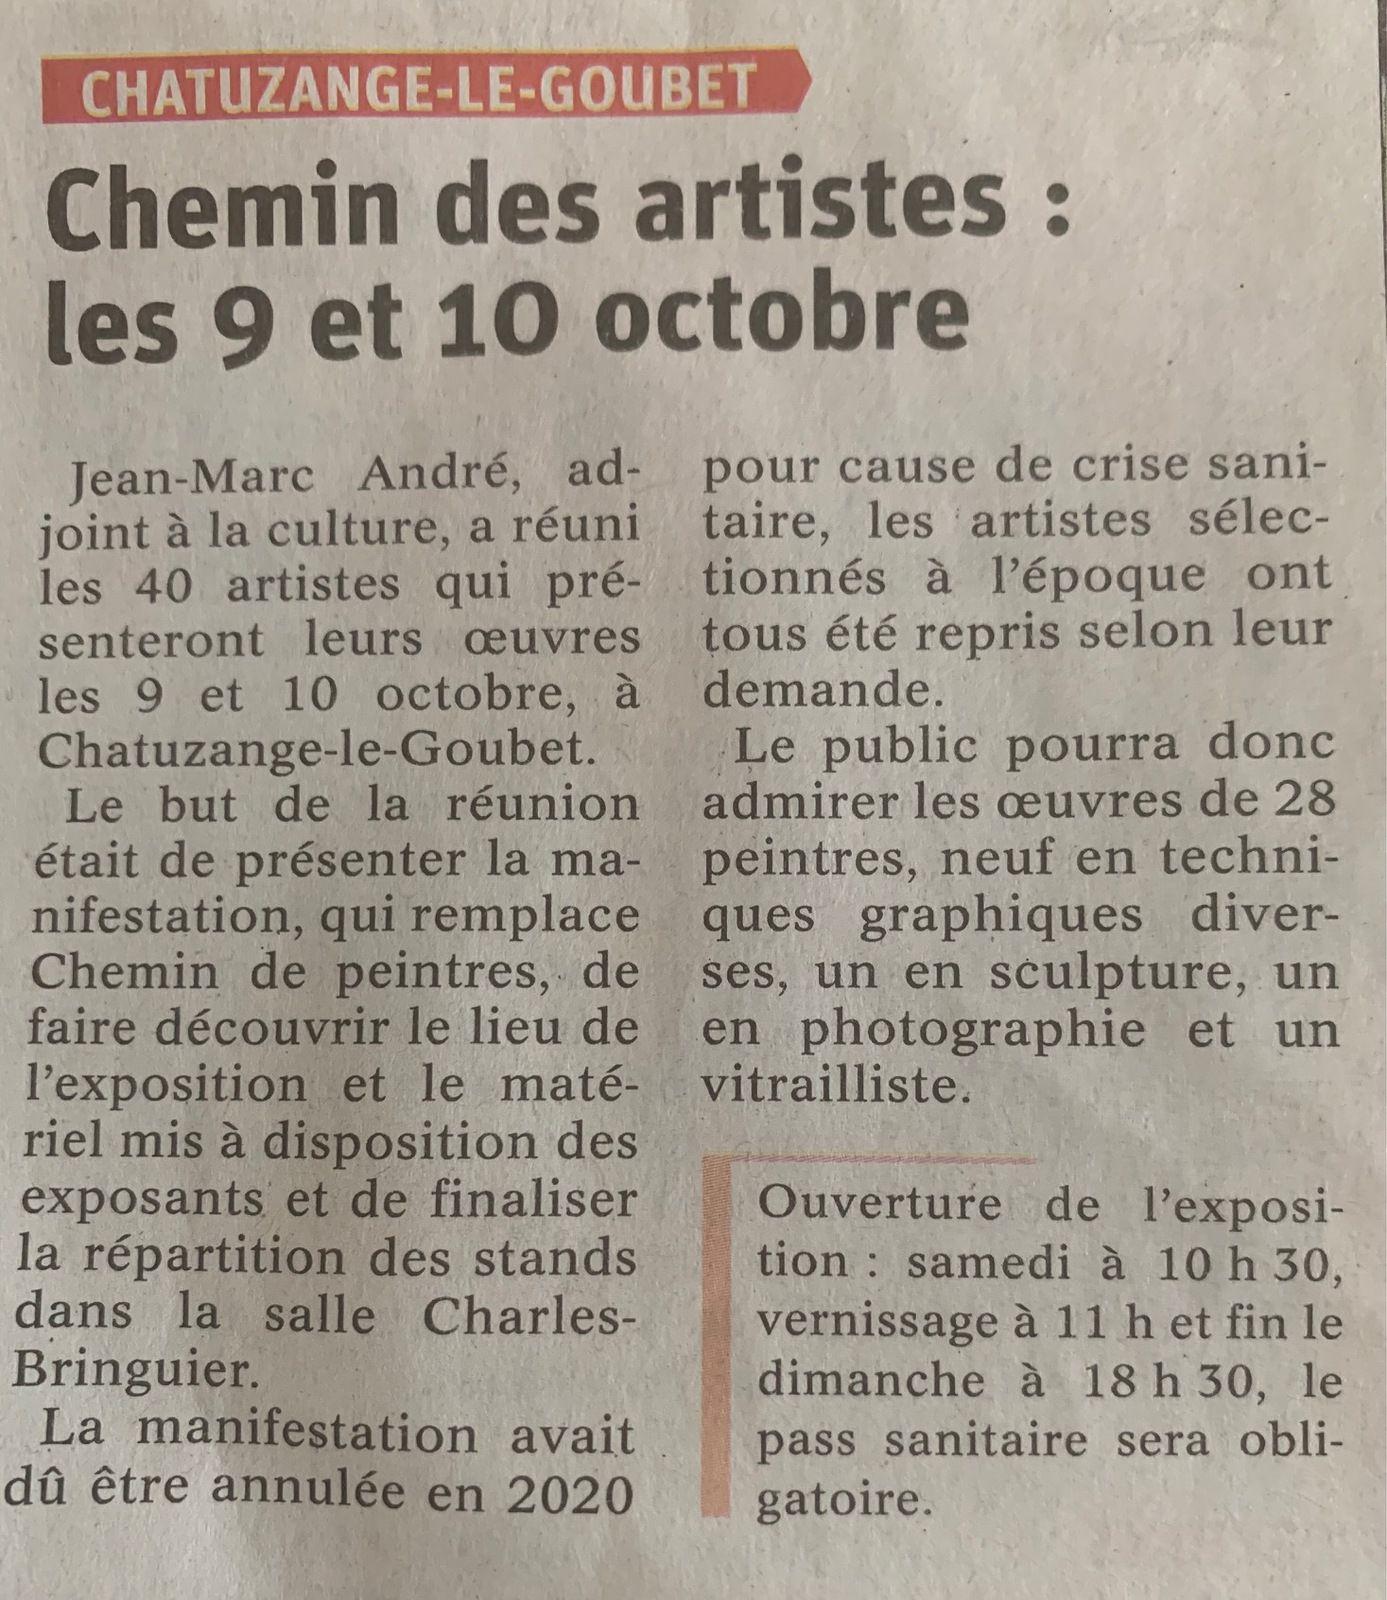 La Symphonie de Couleurs avec ses artistes amateurs, vous invite à Chatuzange le Goubet